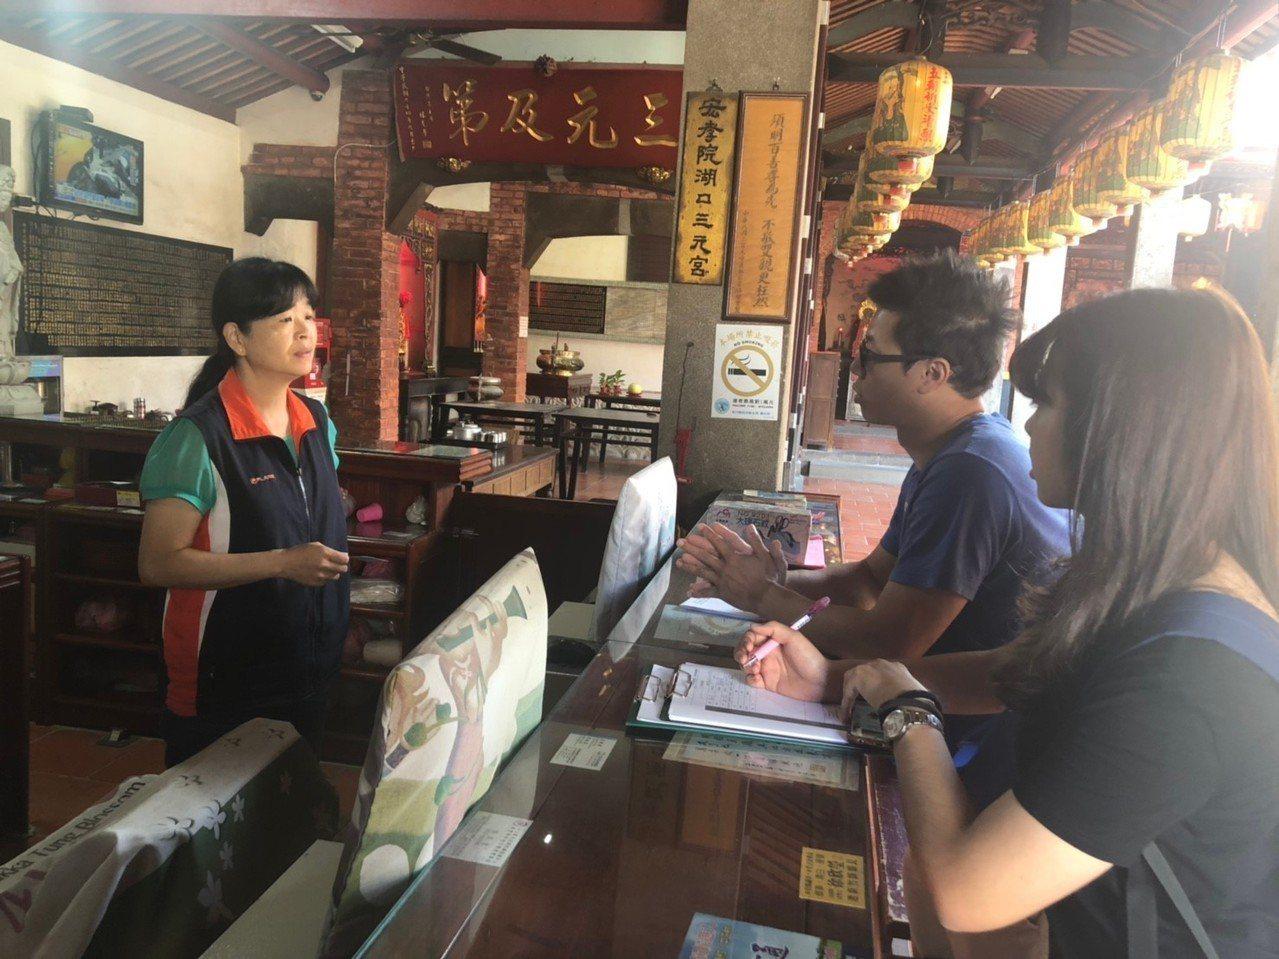 大葉大學師生到新竹縣湖口三元宮,與管理人面對面意見交流的情形。照片/周中祺提供